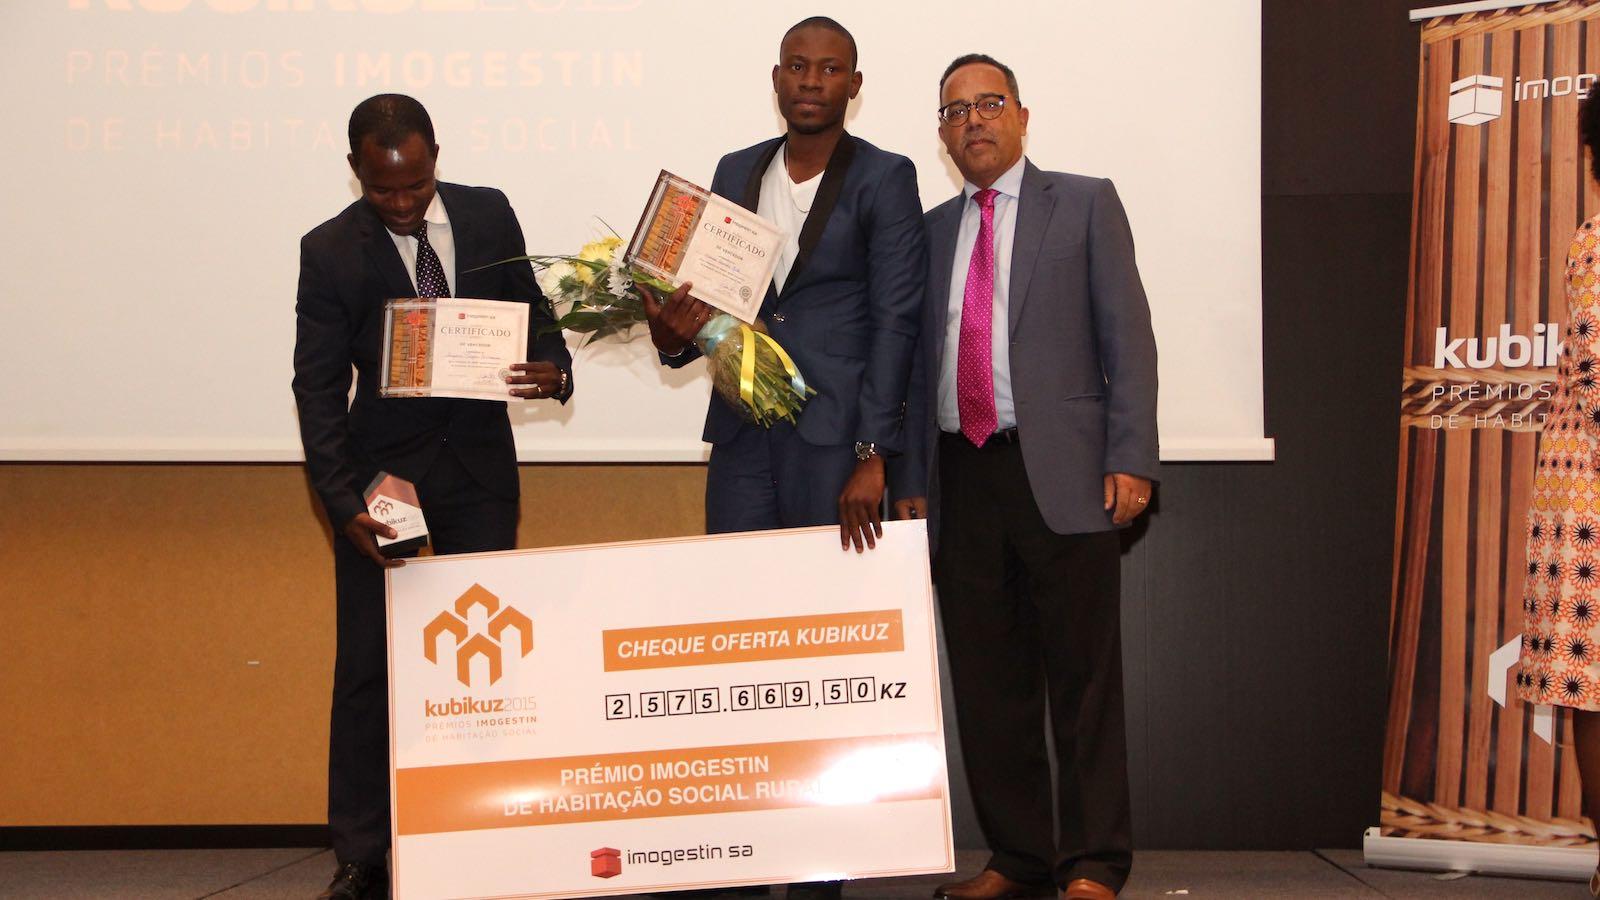 Vencedores da categoria de Habitação Rural, Angelino Quissonde e Ismael João